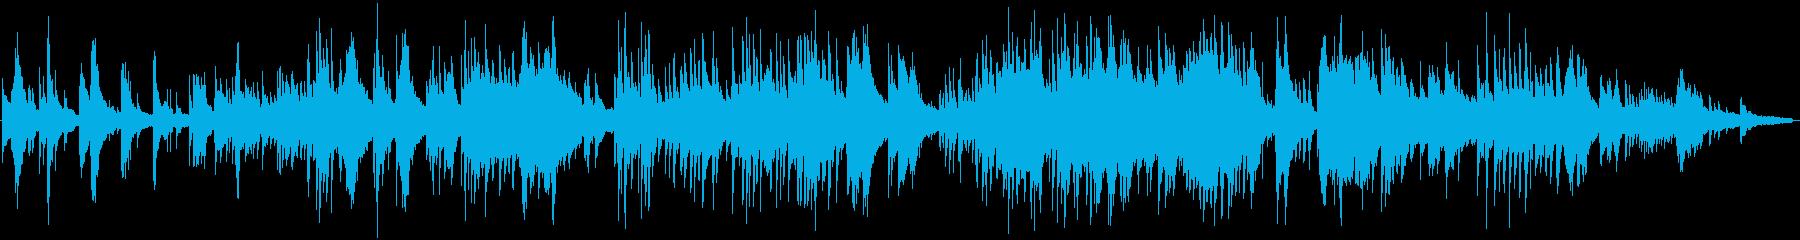 映像に。風のように流れていくピアノソロの再生済みの波形